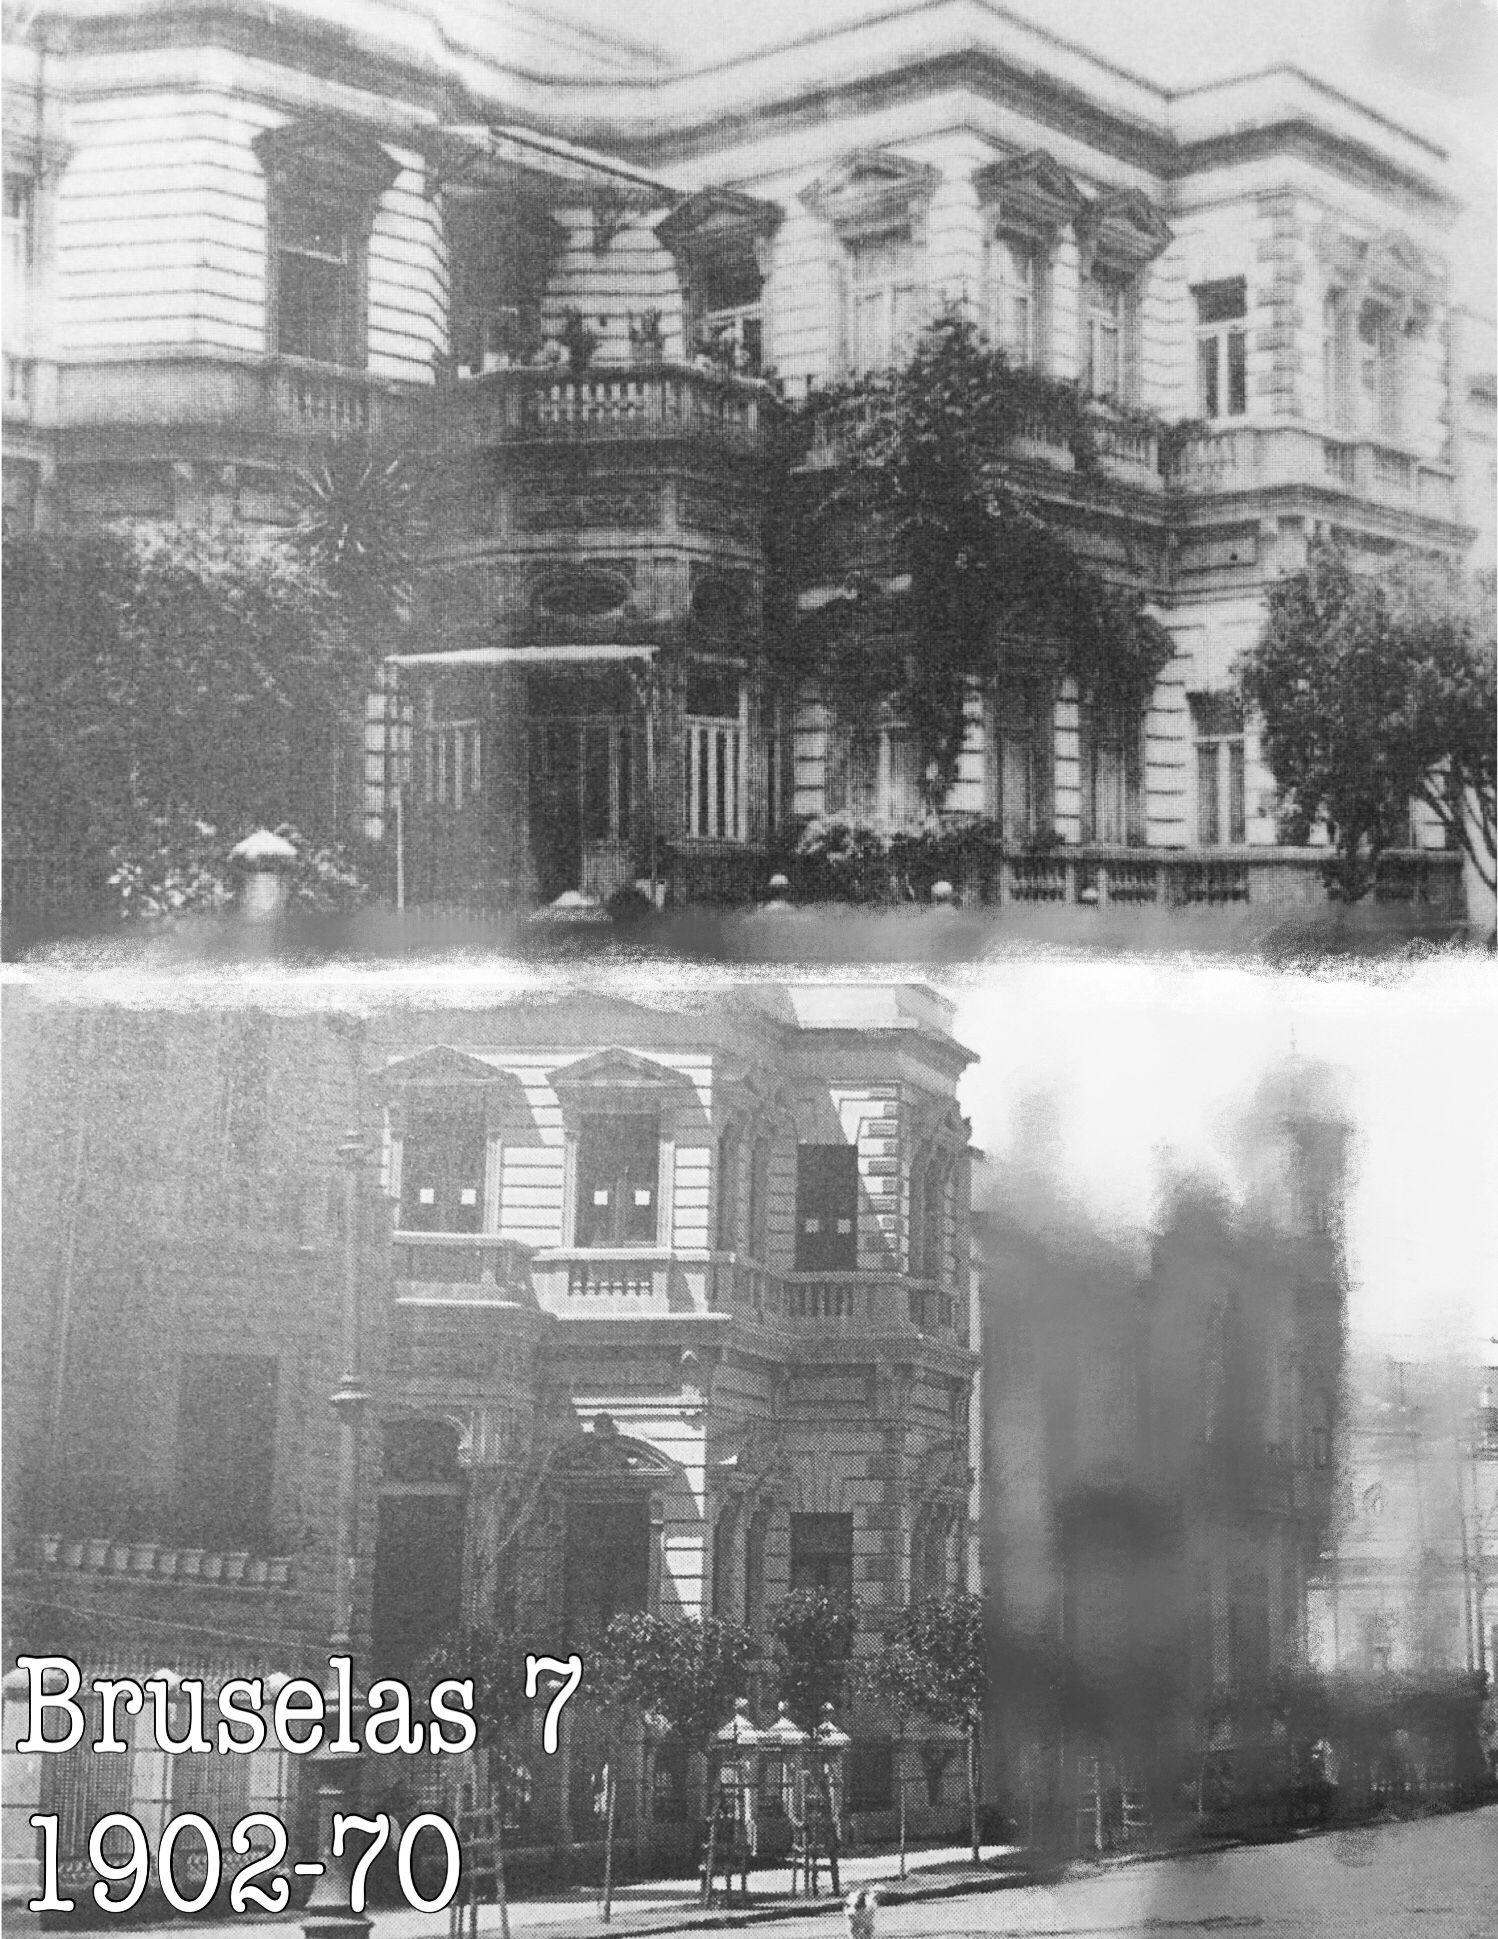 Bruselas 7, 1900-70